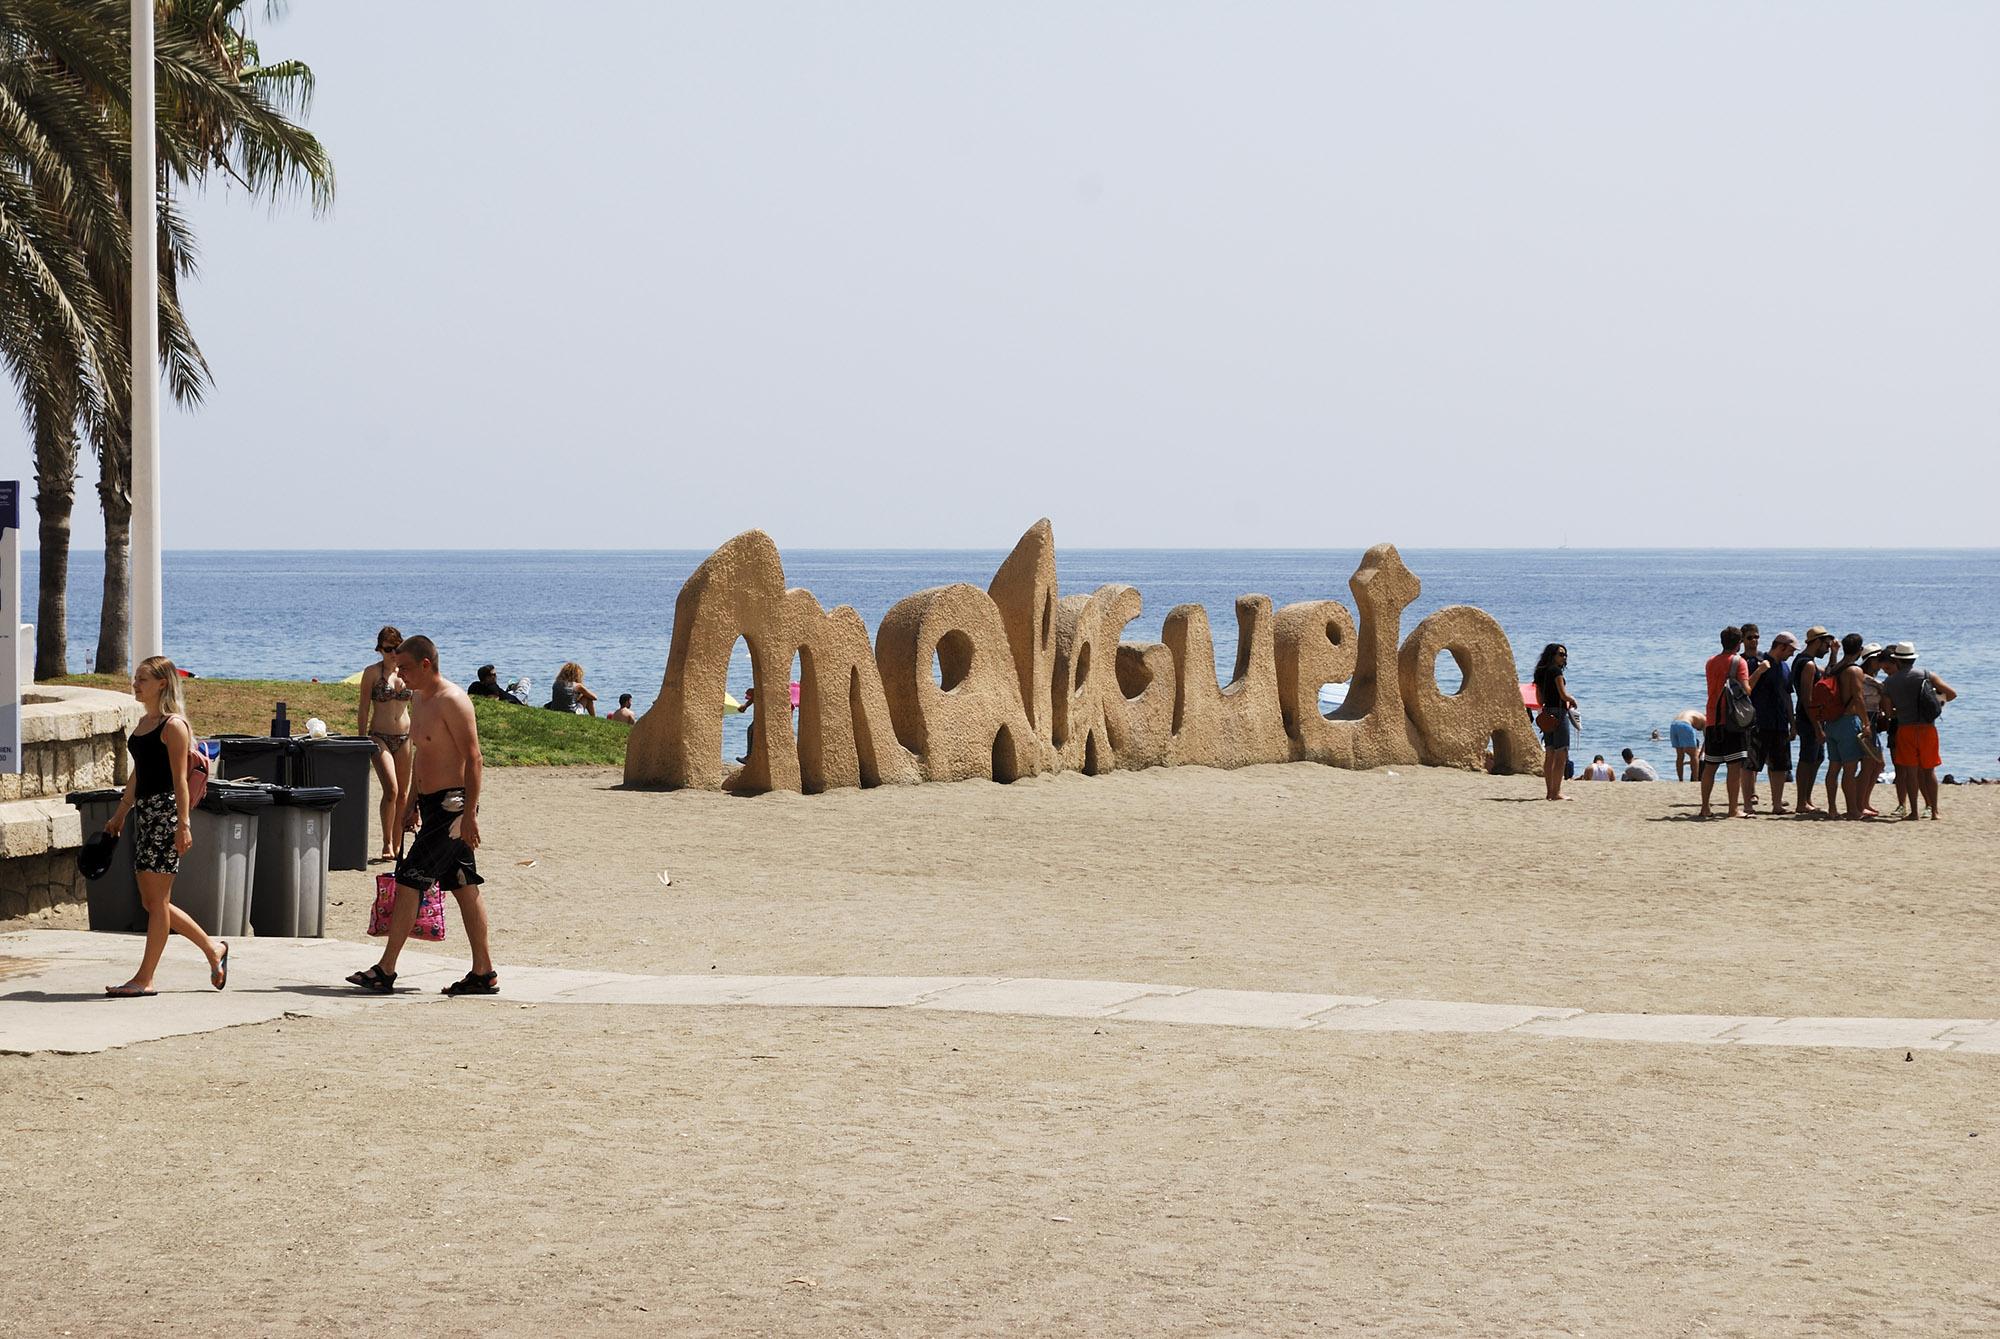 Playa malagueta, Malaga